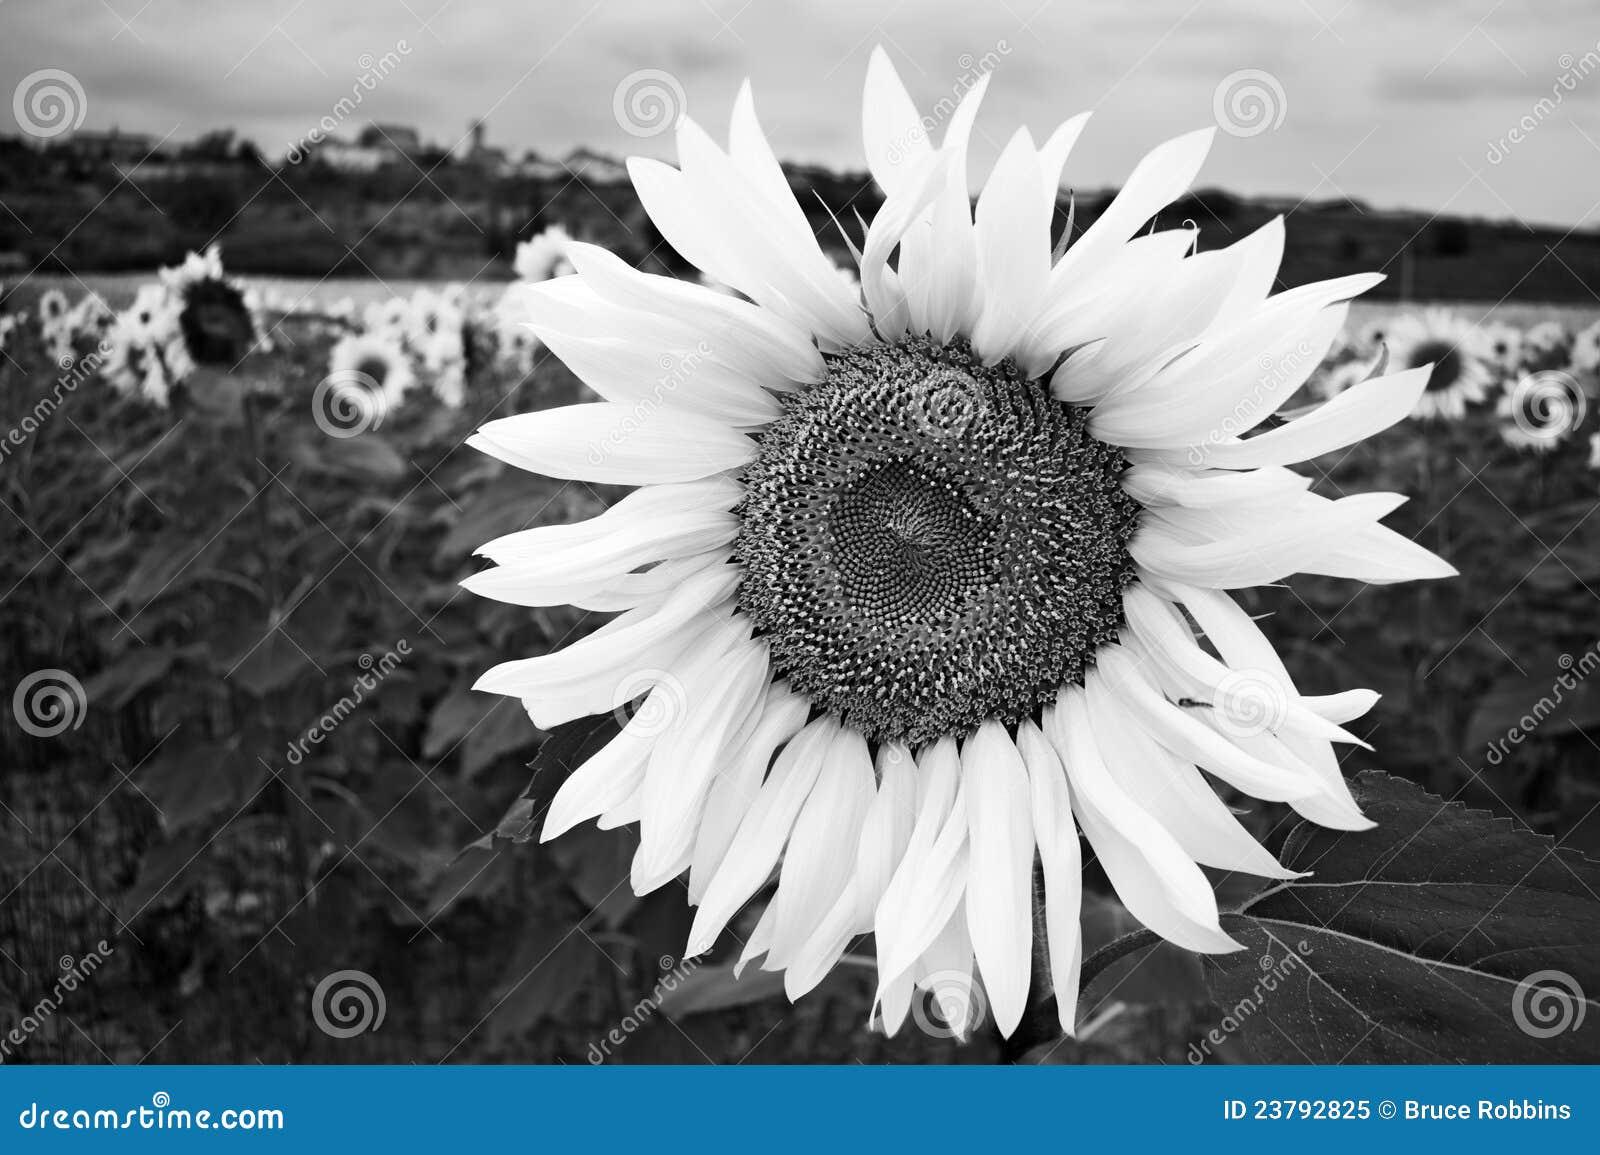 Girasol Blanco Y Negro Imagen De Archivo Imagen De Flores 23792825